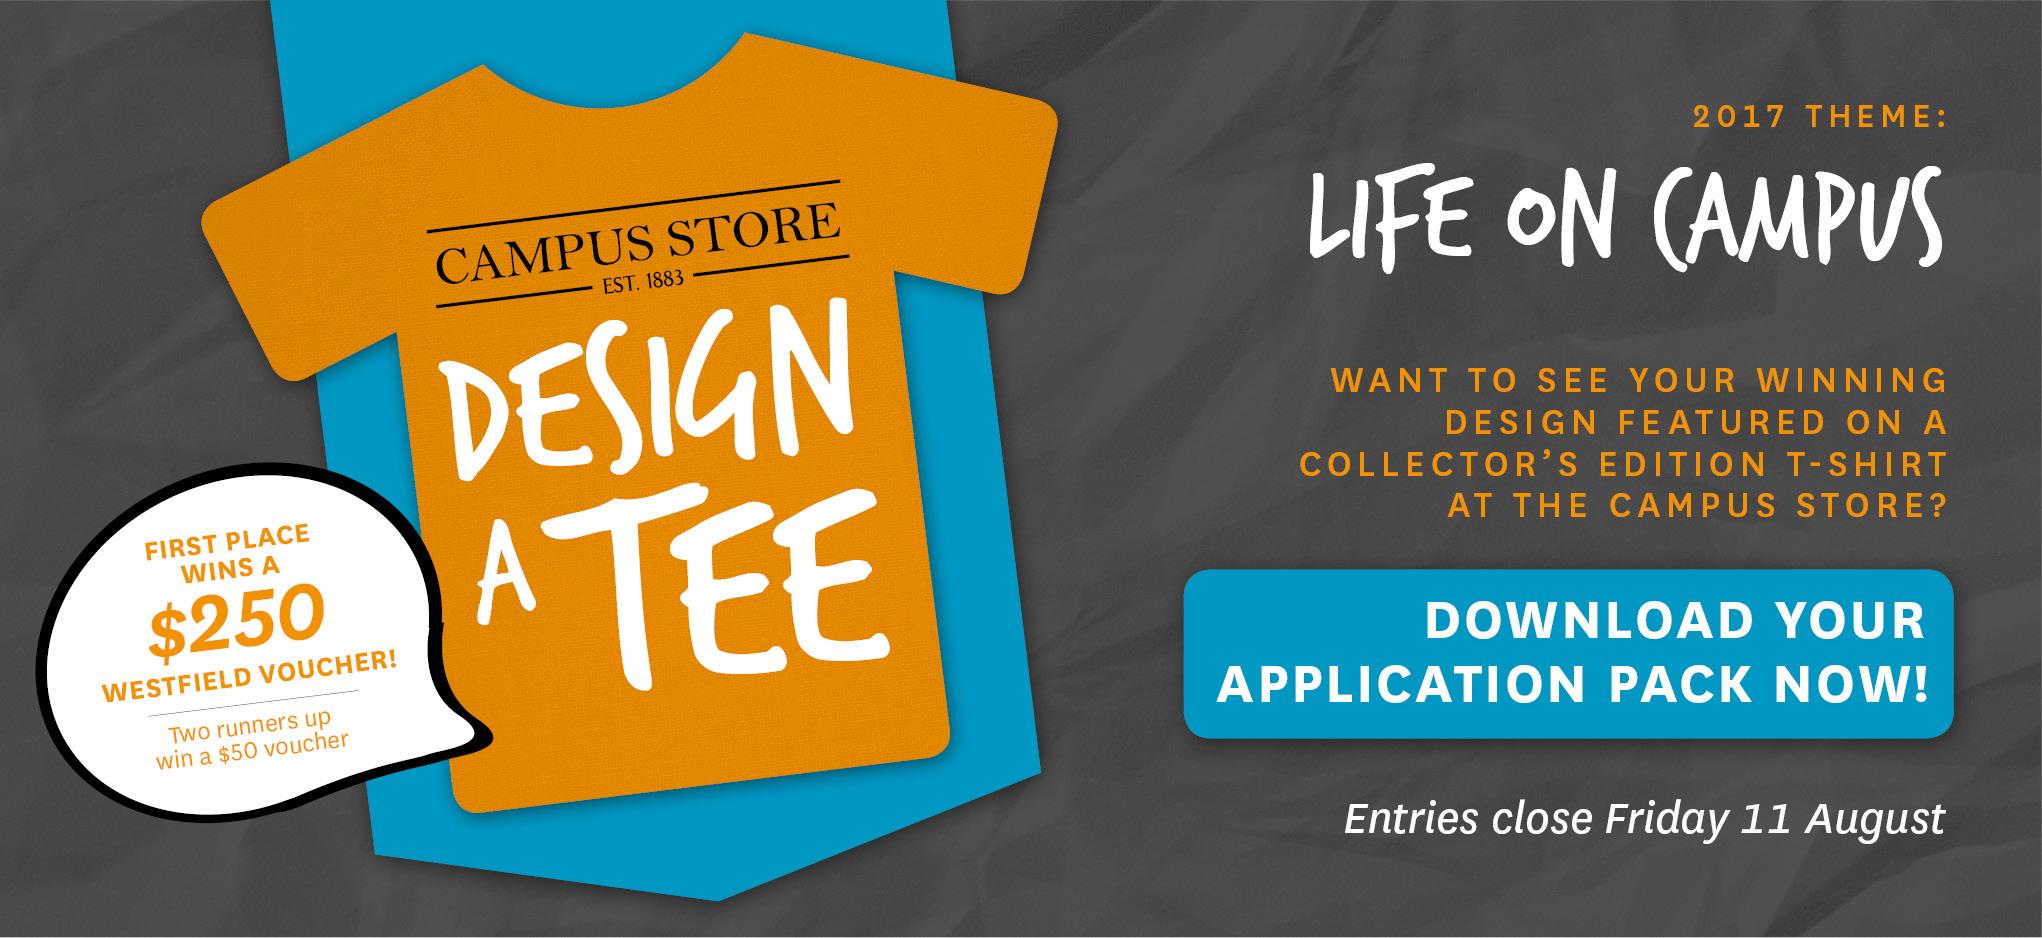 Design t shirt software online - Design T Shirt Software Online 21